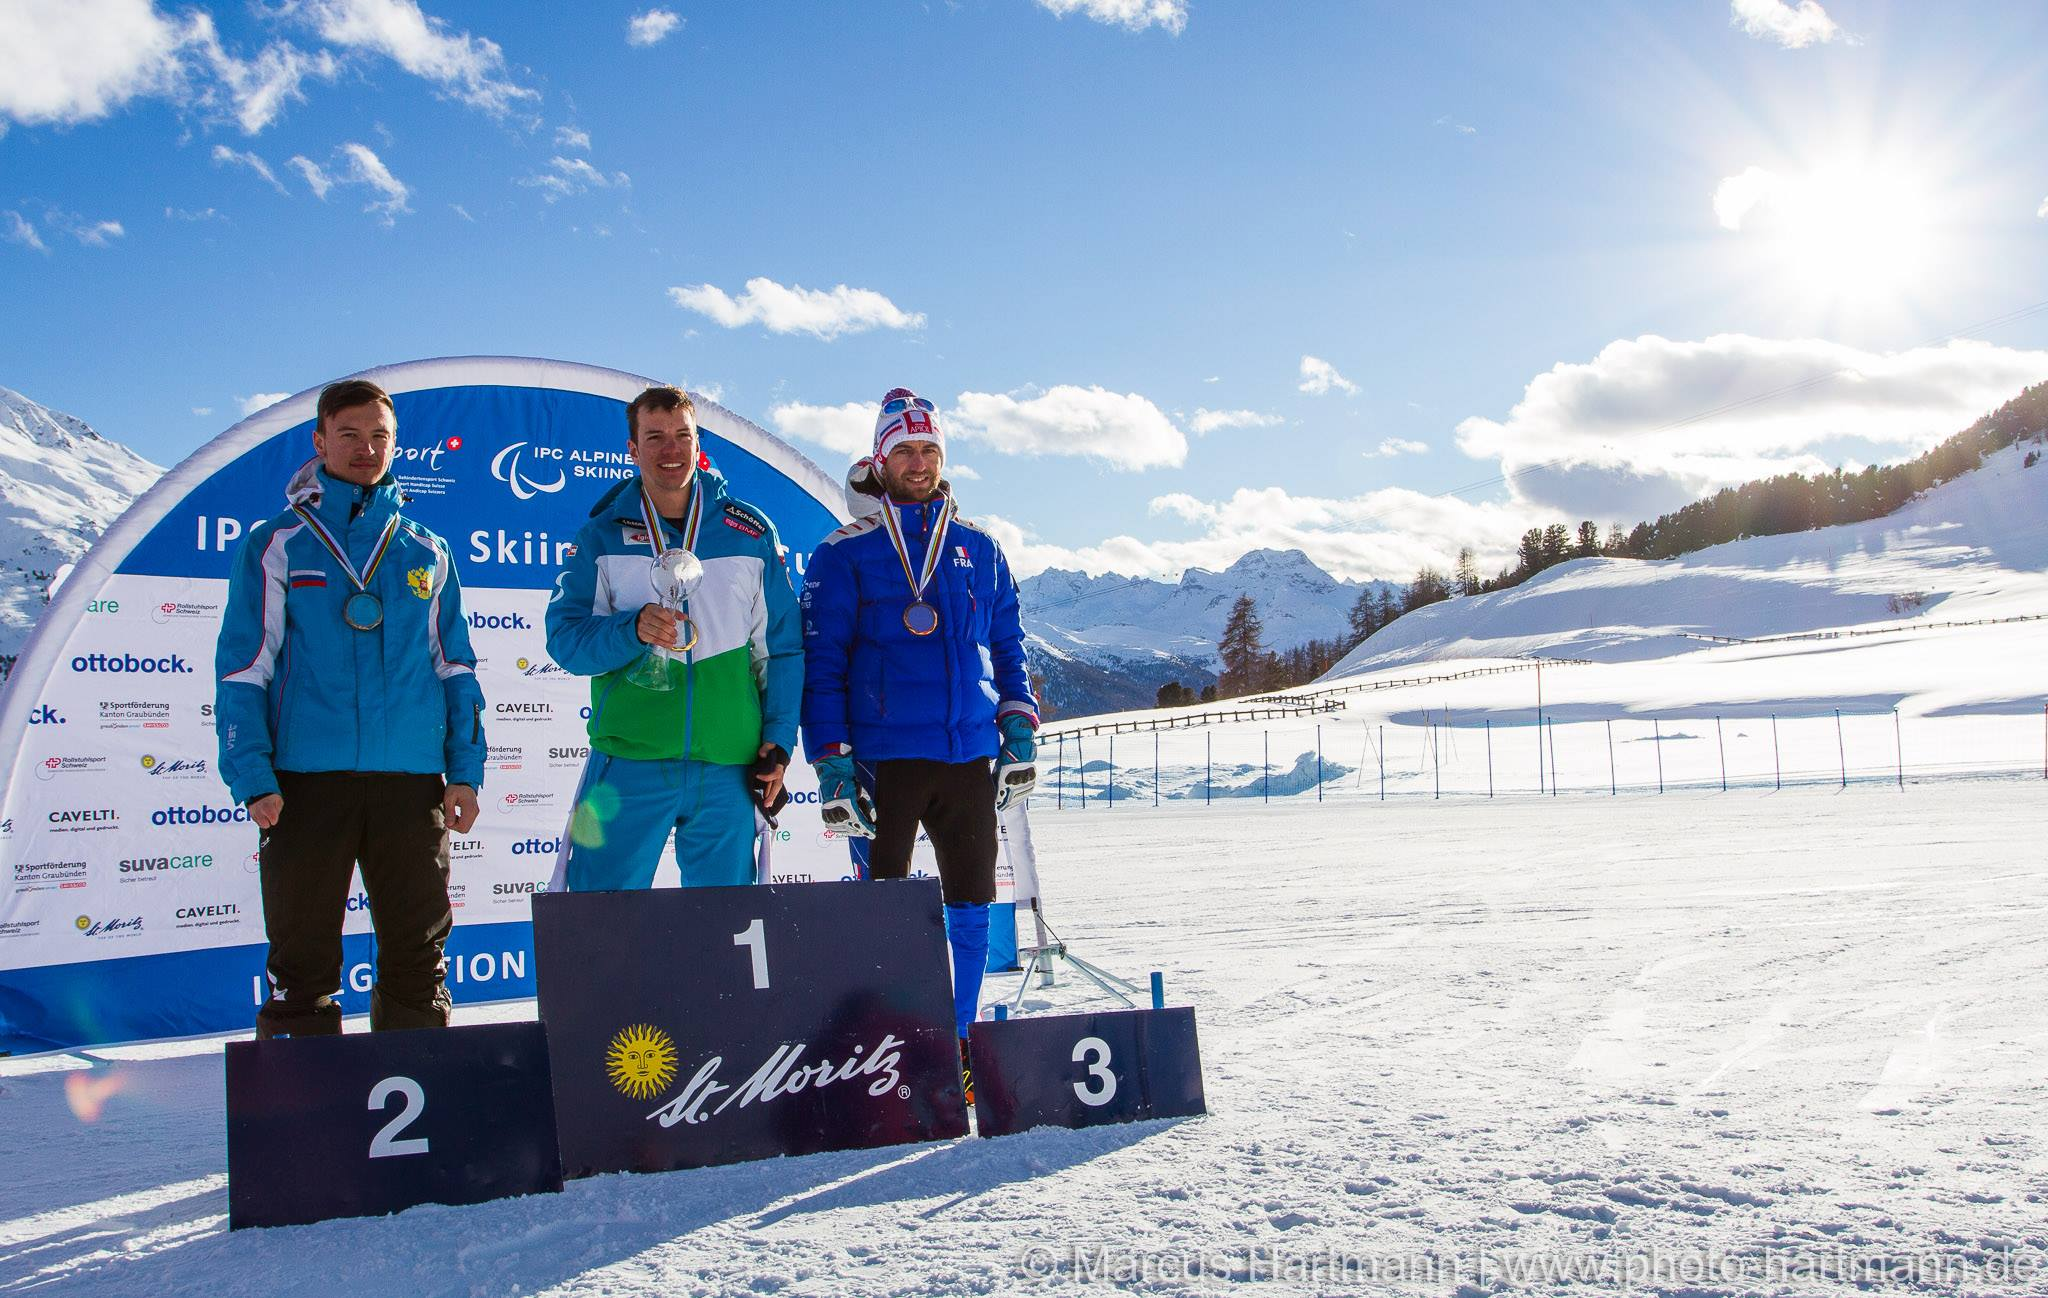 Сборная команда России по горнолыжному спорту среди спортсменов с ПОДА и нарушением зрения завоевала 4 медали в первый день 3-го этапа Кубка мира в Швейцарии